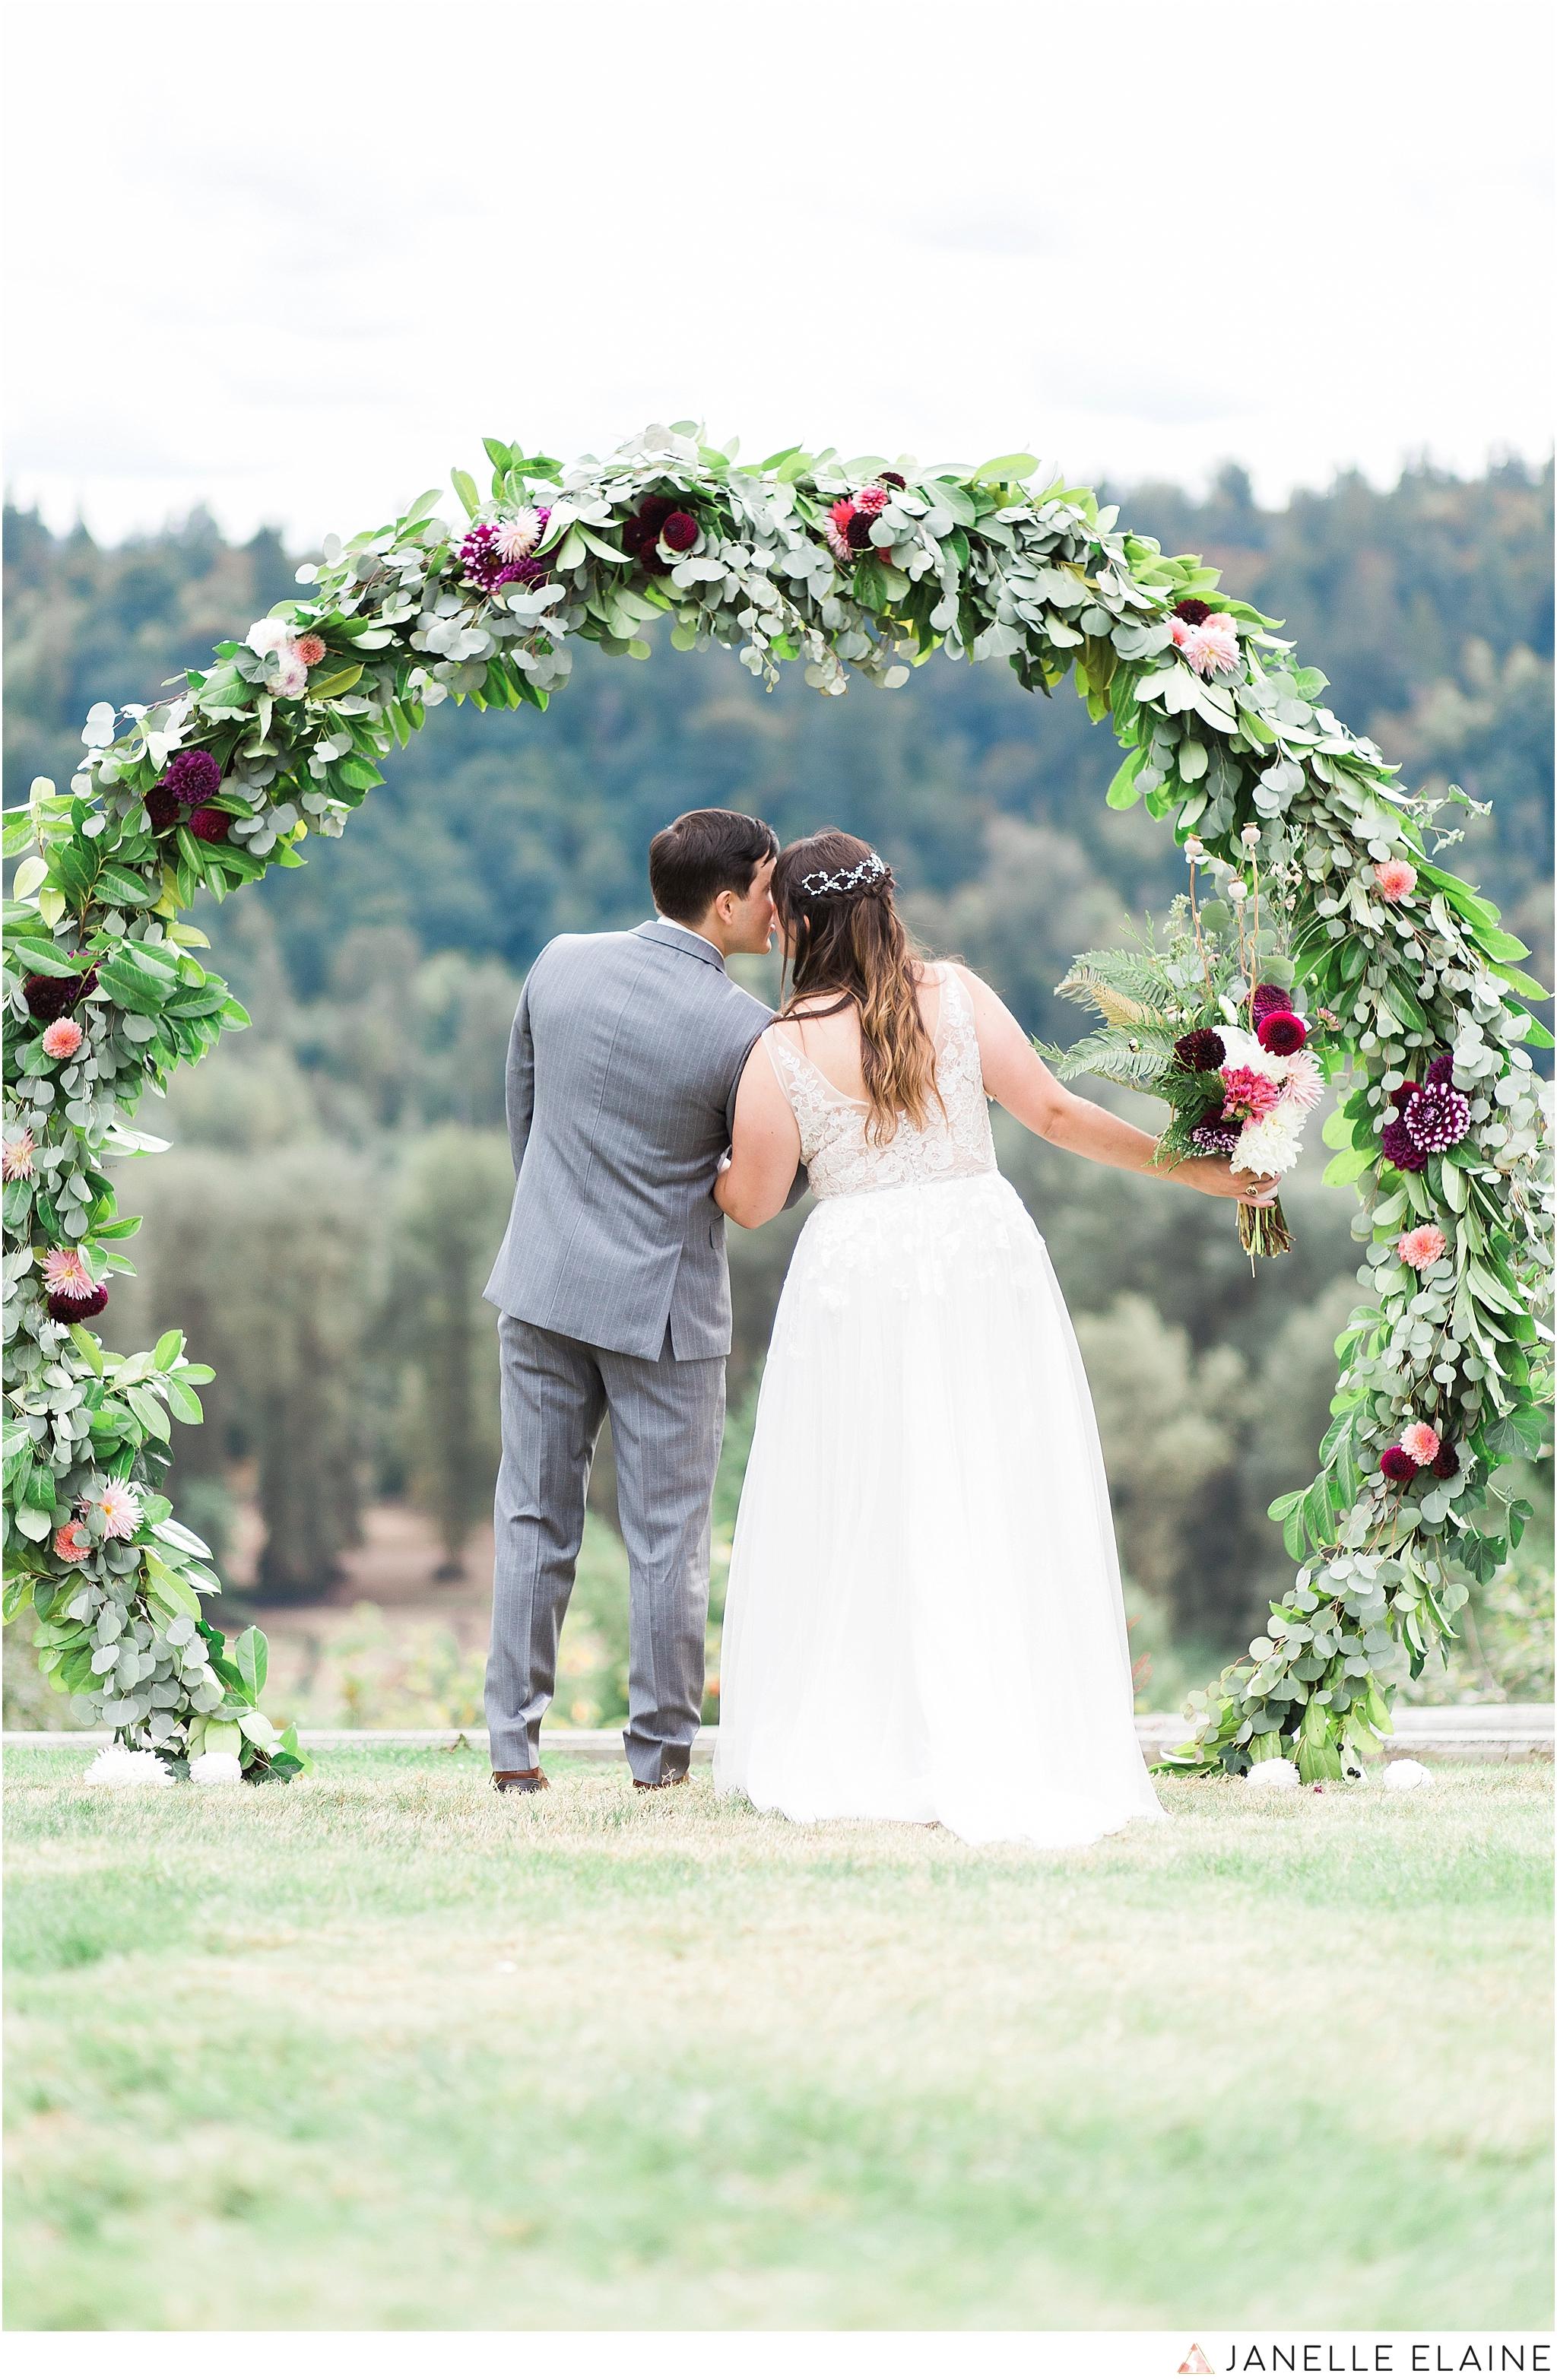 seattle-portrait-engagement-wedding-photographer-janelle-elaine-photography-34.jpg